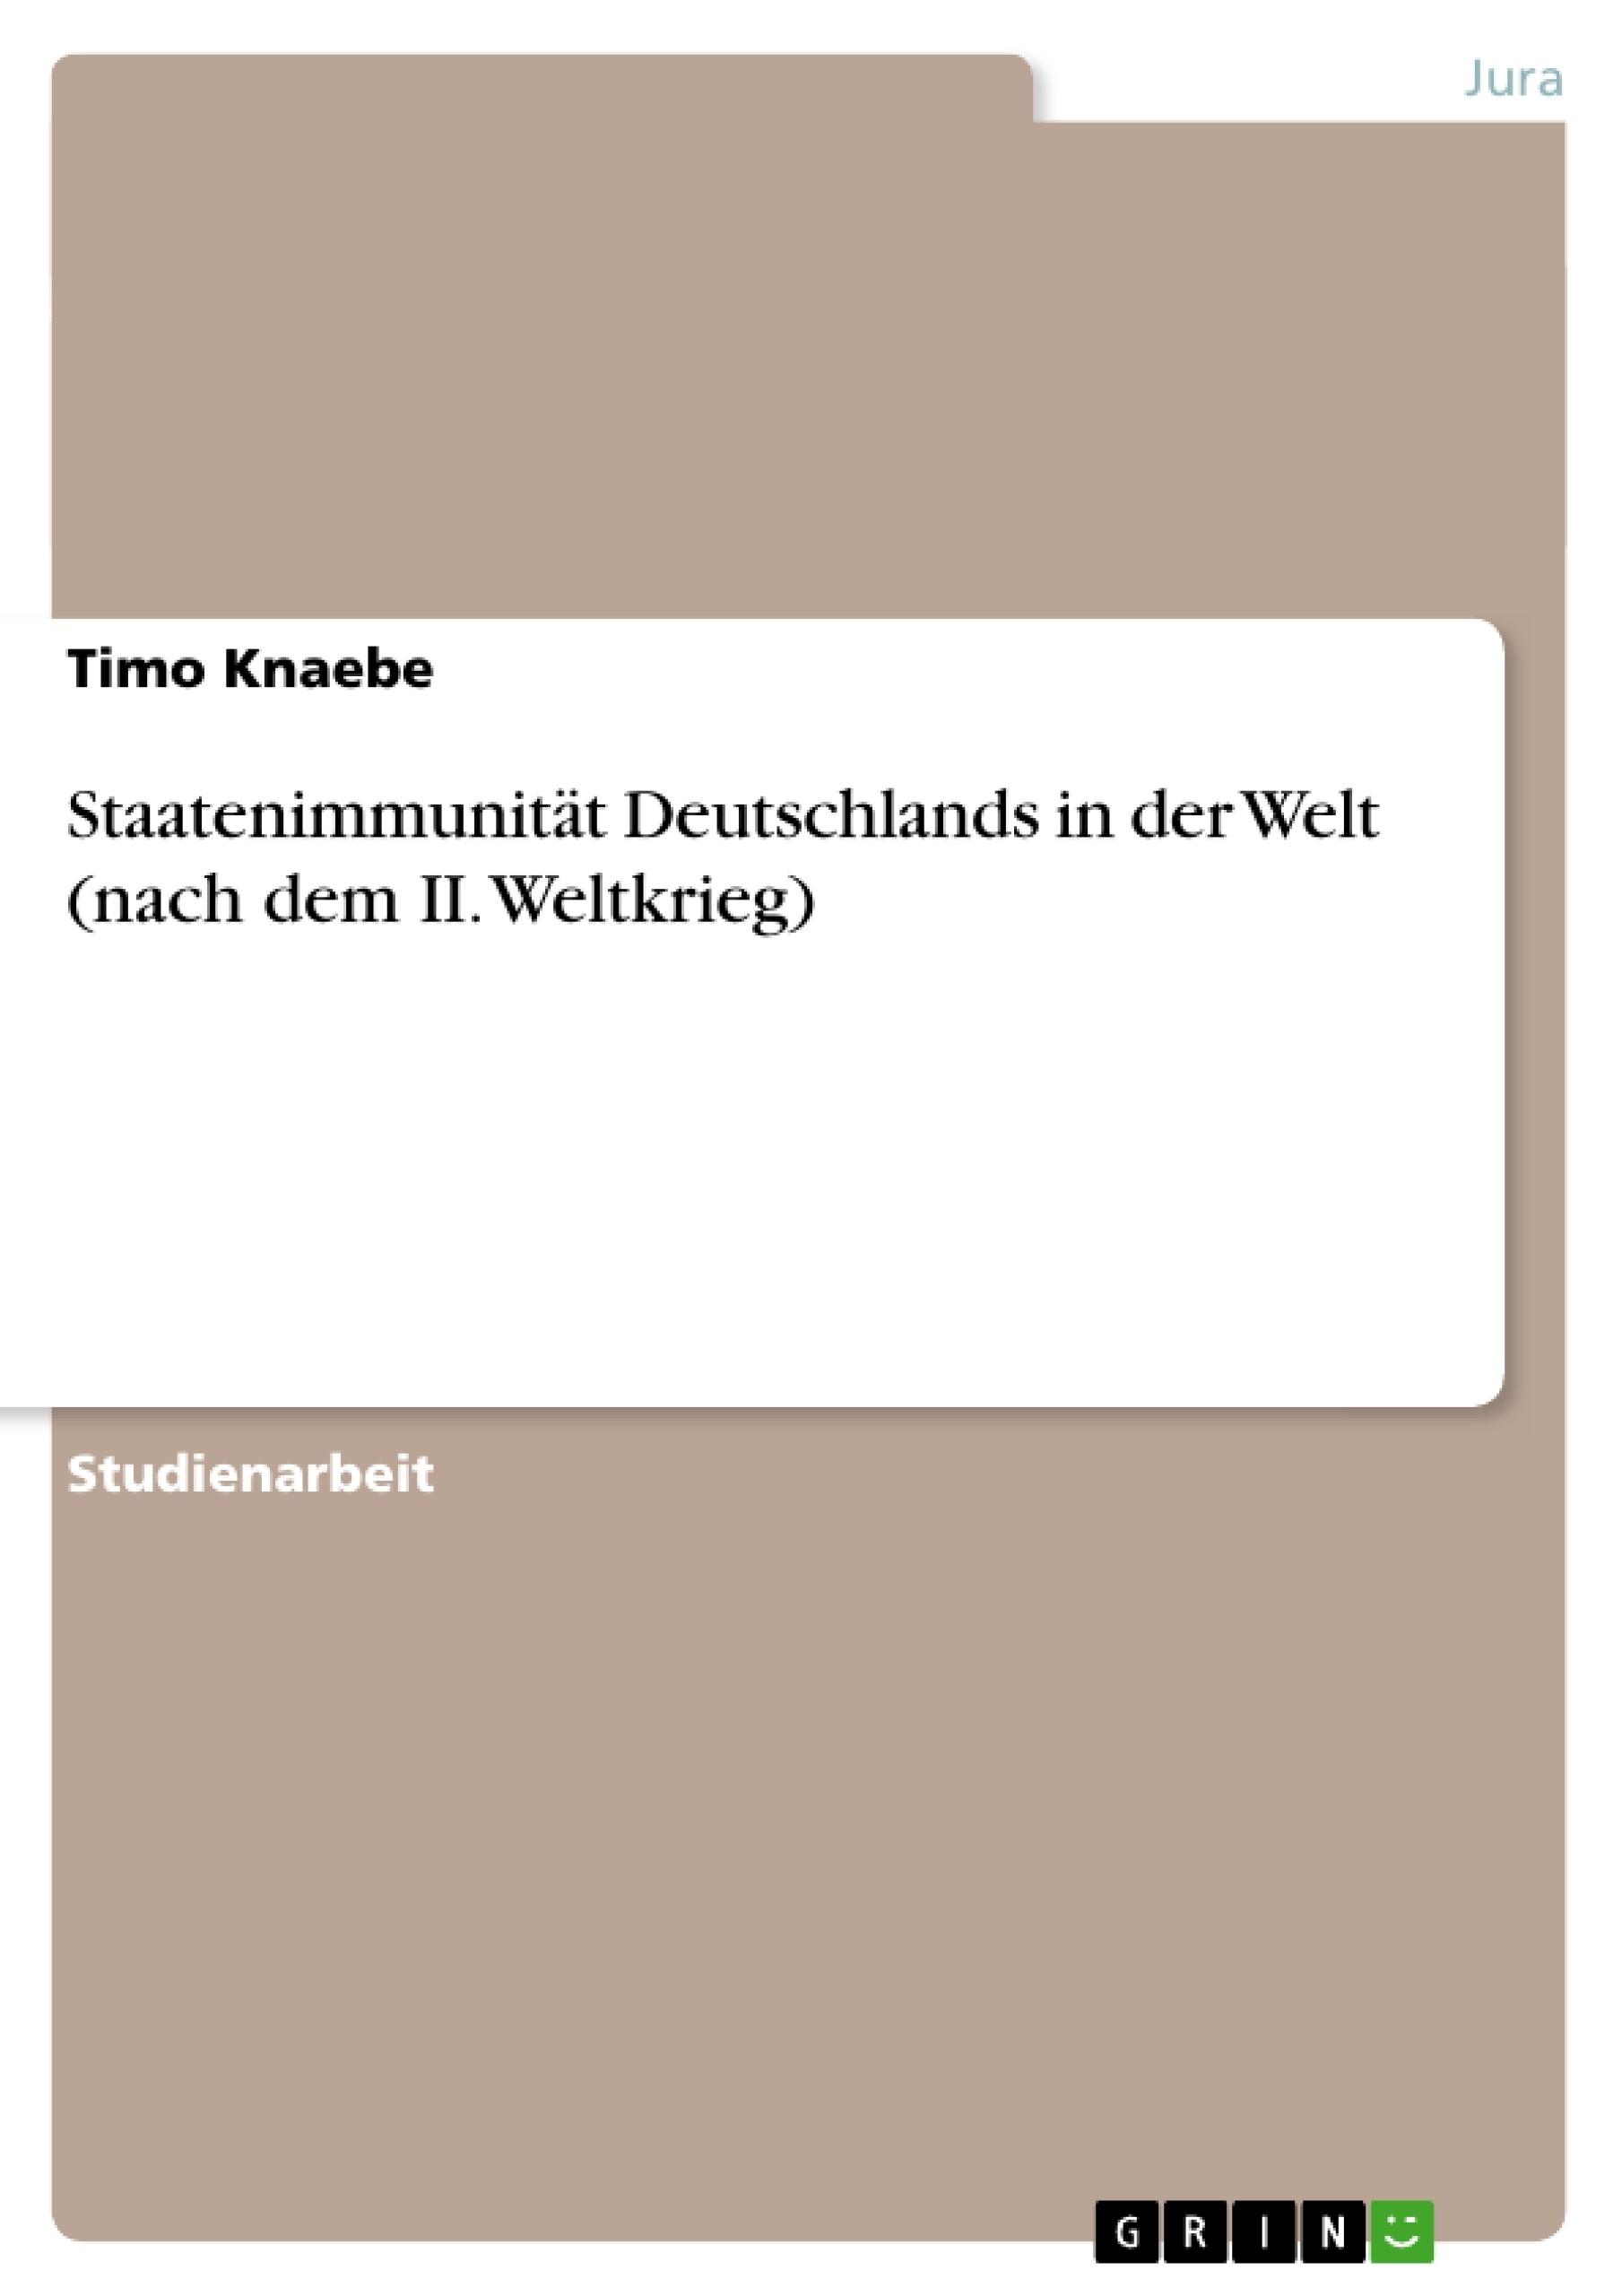 Titel: Staatenimmunität Deutschlands in der Welt (nach dem II. Weltkrieg)